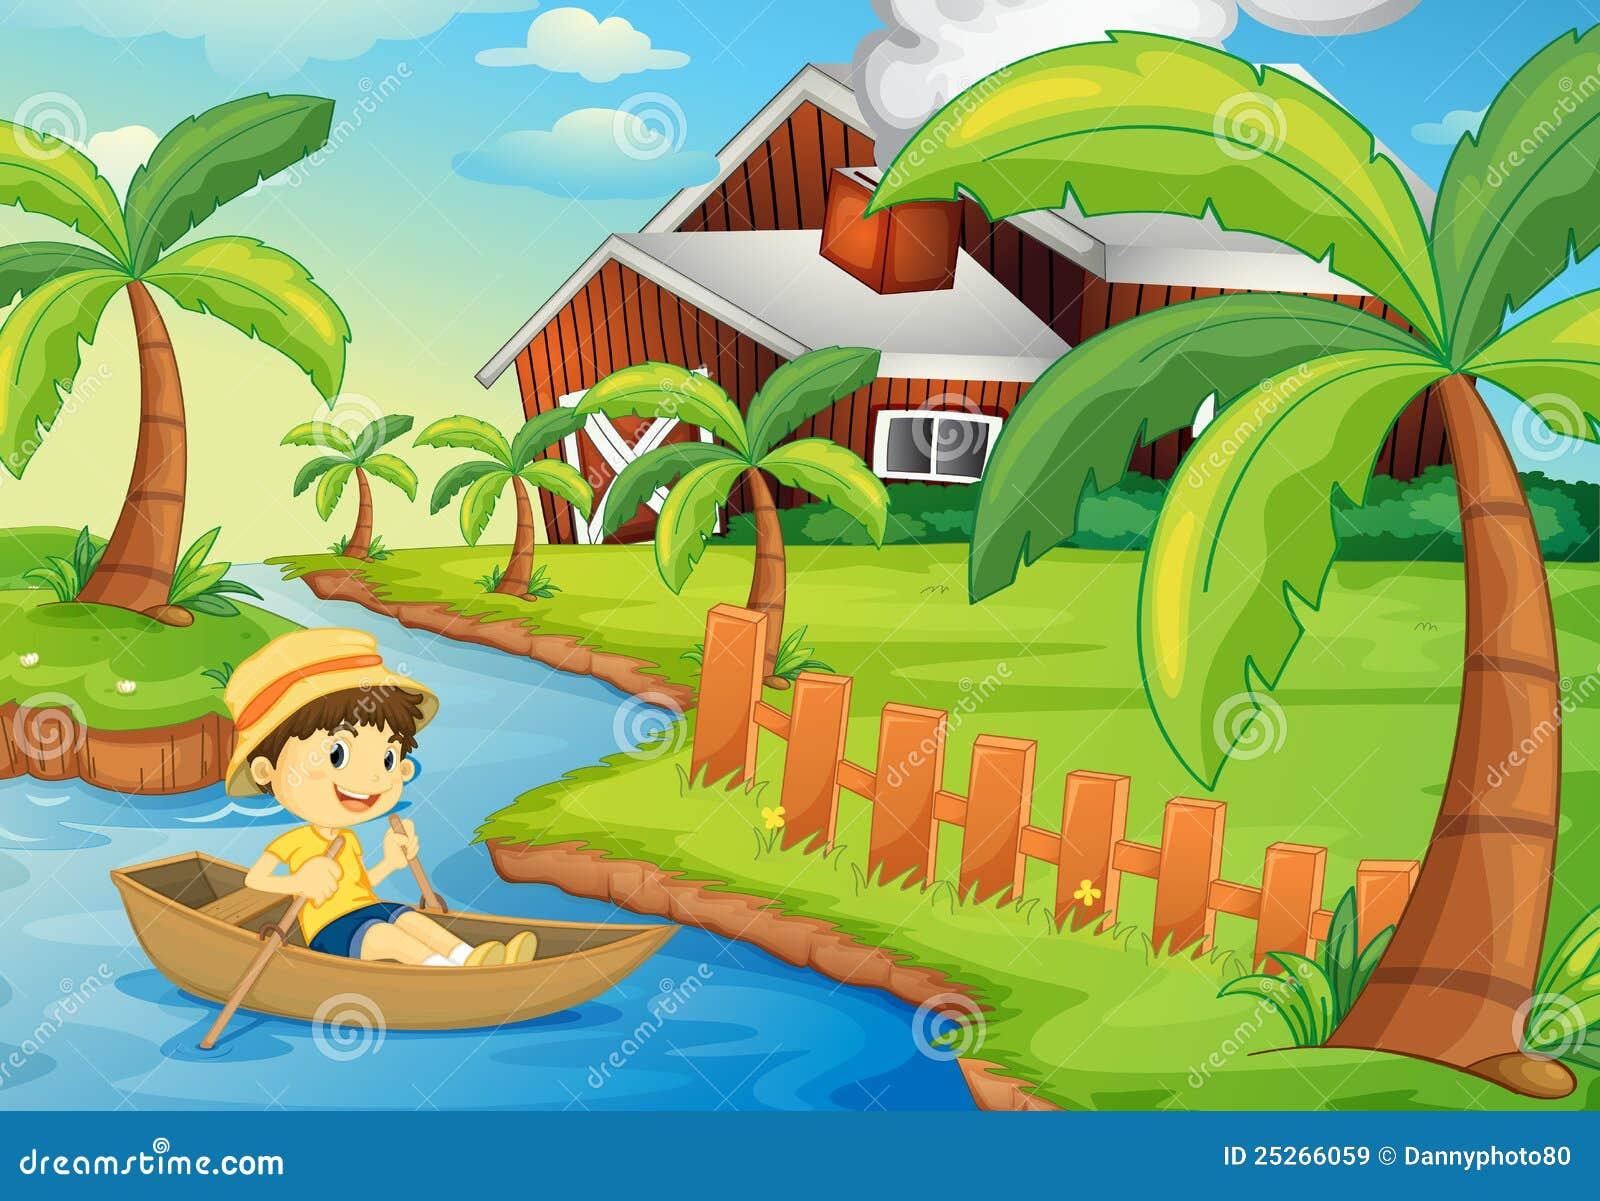 幼儿画画小船图片